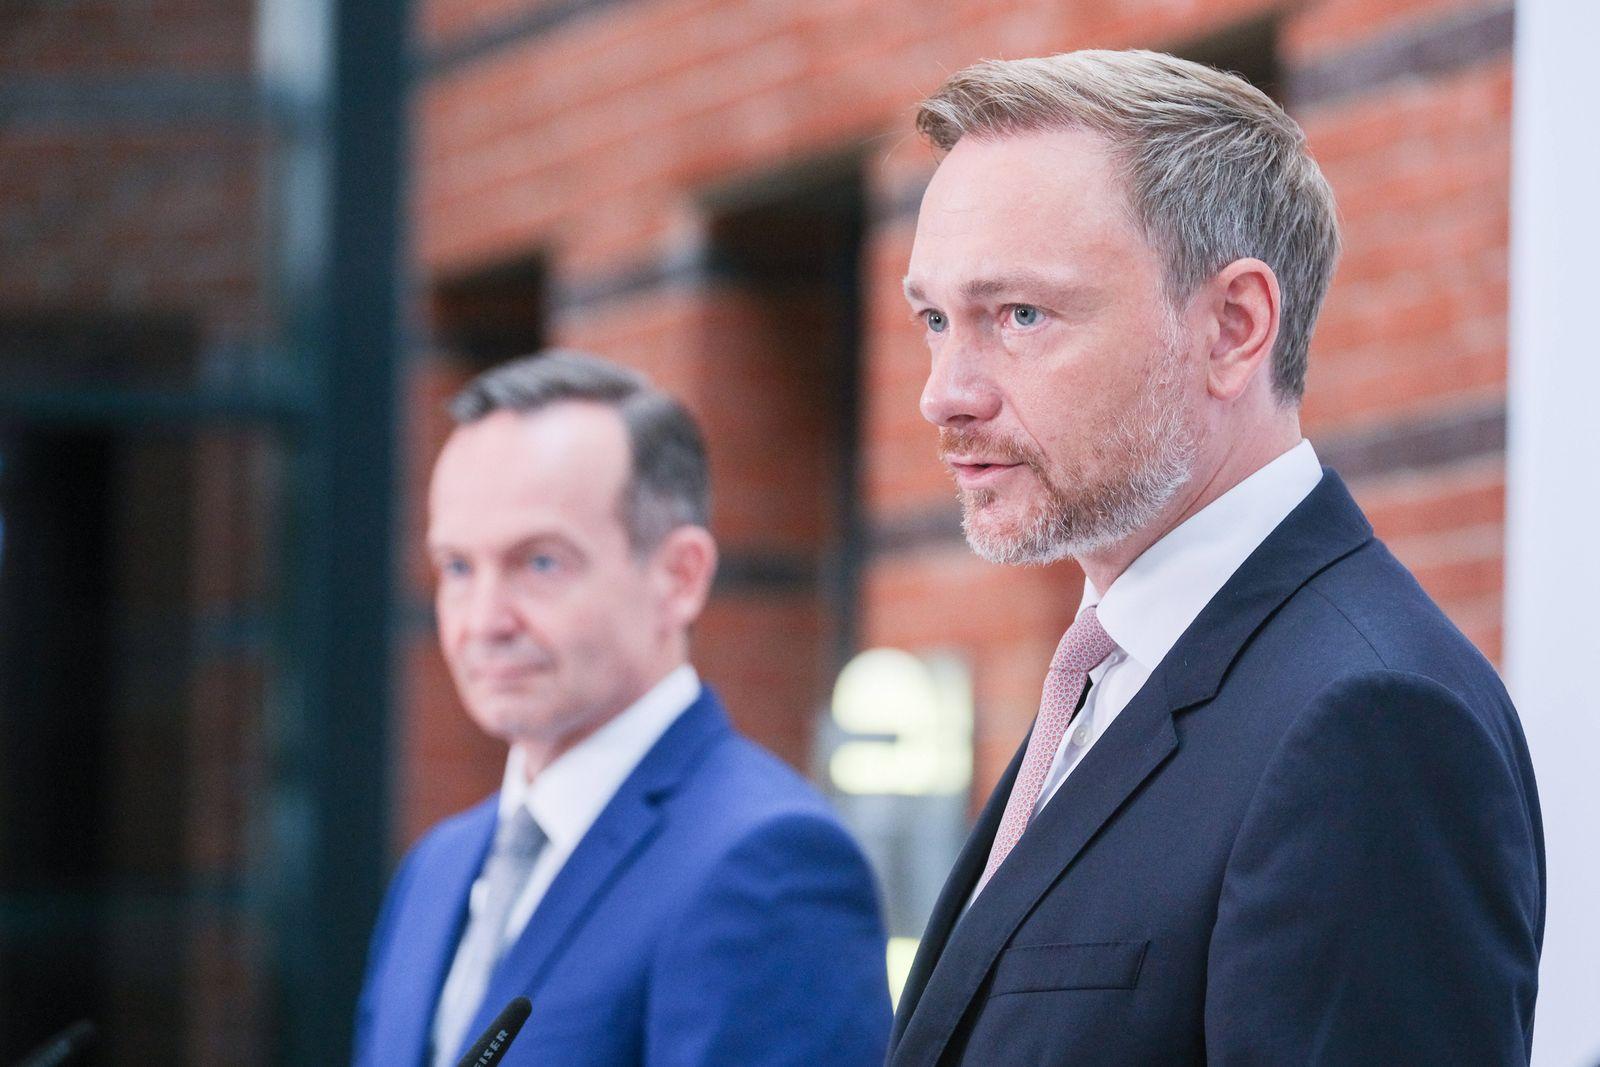 Christian Lindner und Volker Wissing, Generalsekretär, bei der PK zur Vorstellung des Wahlaufruf der Freien Demokraten